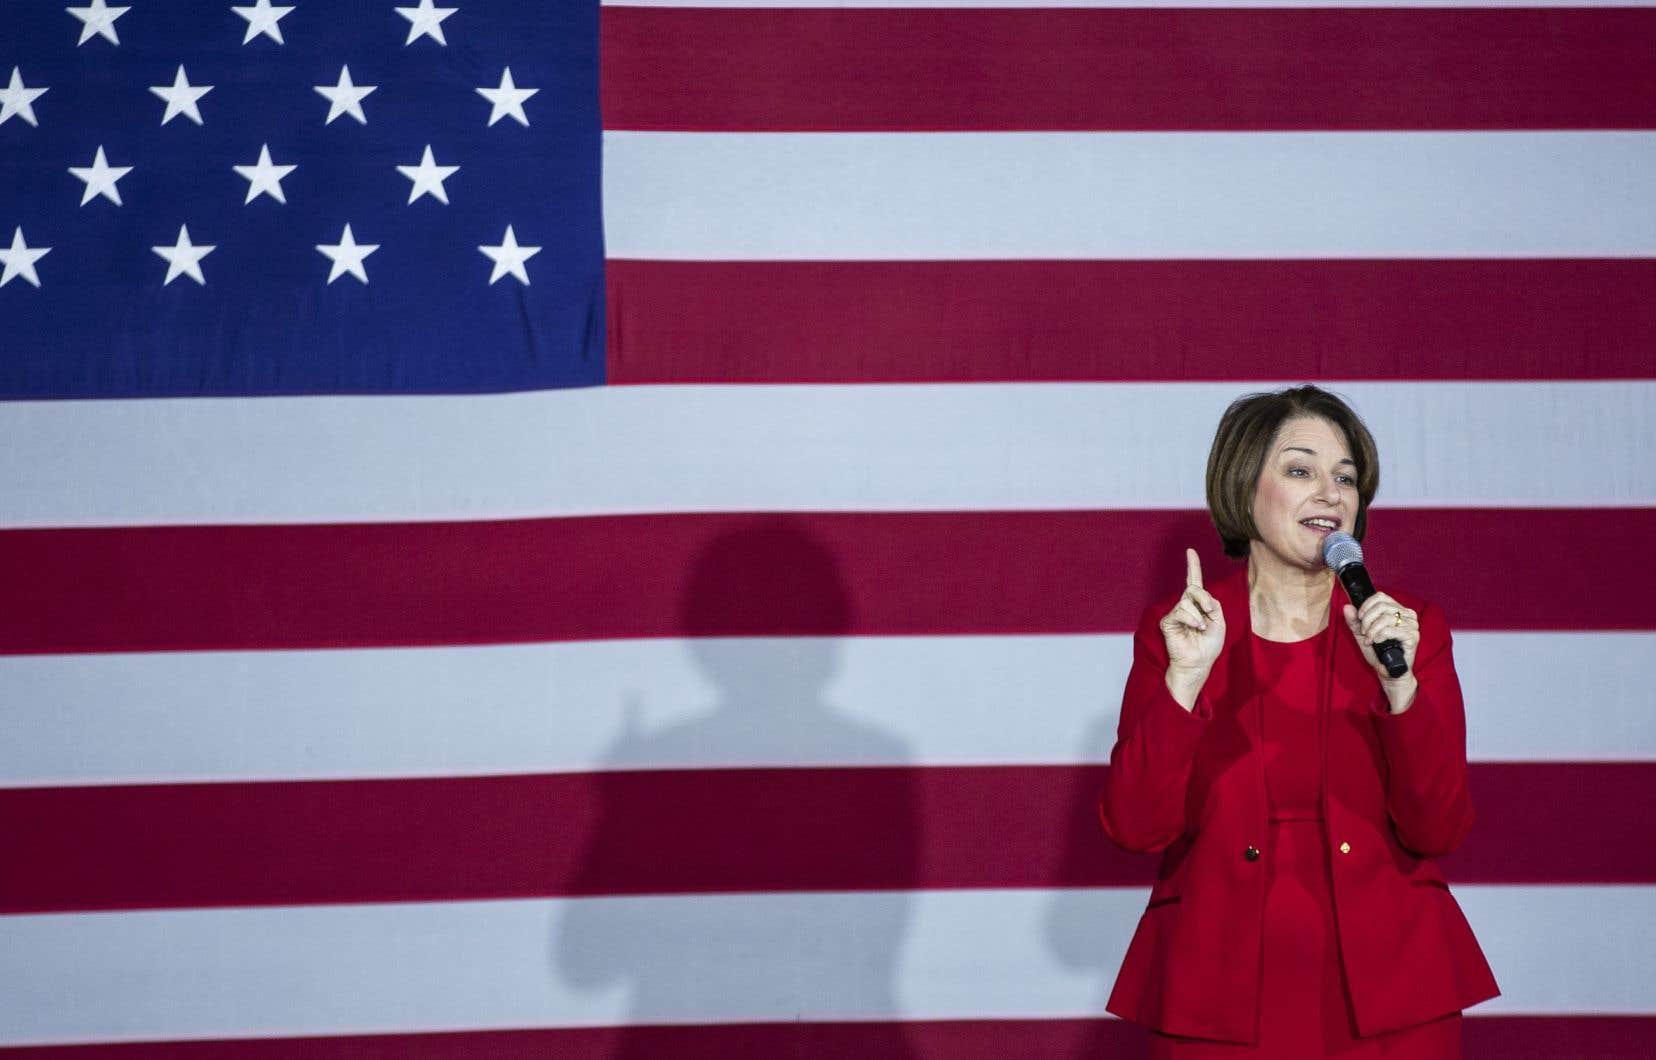 La sénatrice du Minnesota AmyKlobuchar durant un événement de campagne, le 29 février dernier